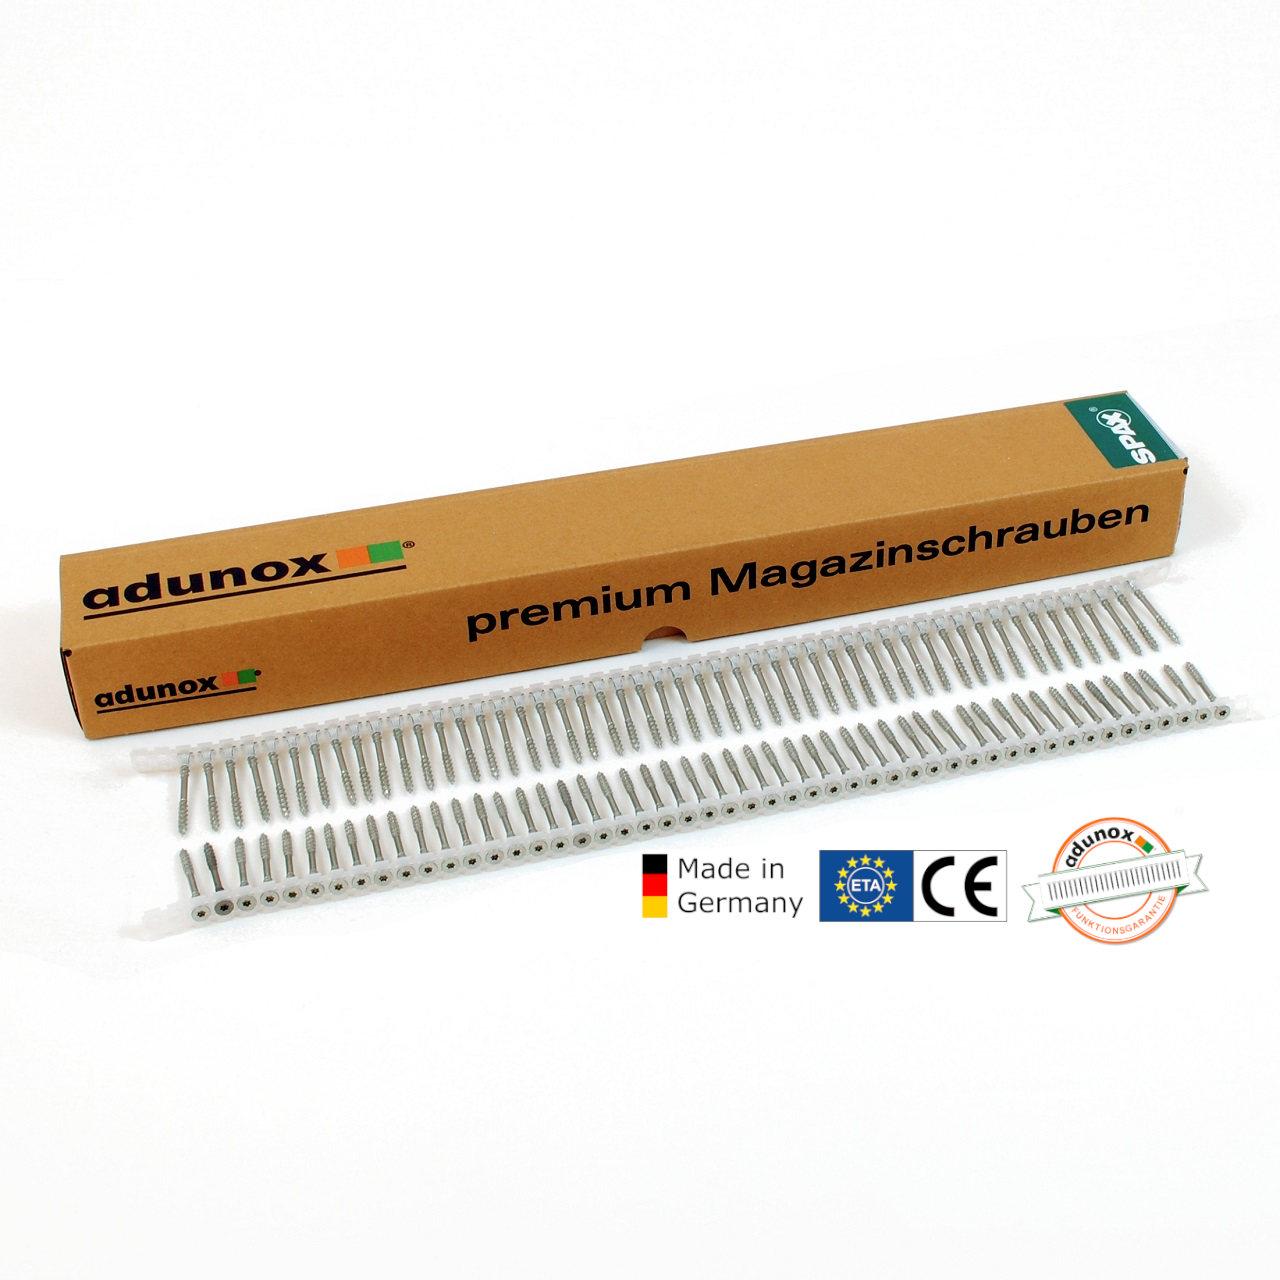 Magazinierte SPAX OSB Verlegeschrauben | WIROX | 4,5x70 | 500 Stk